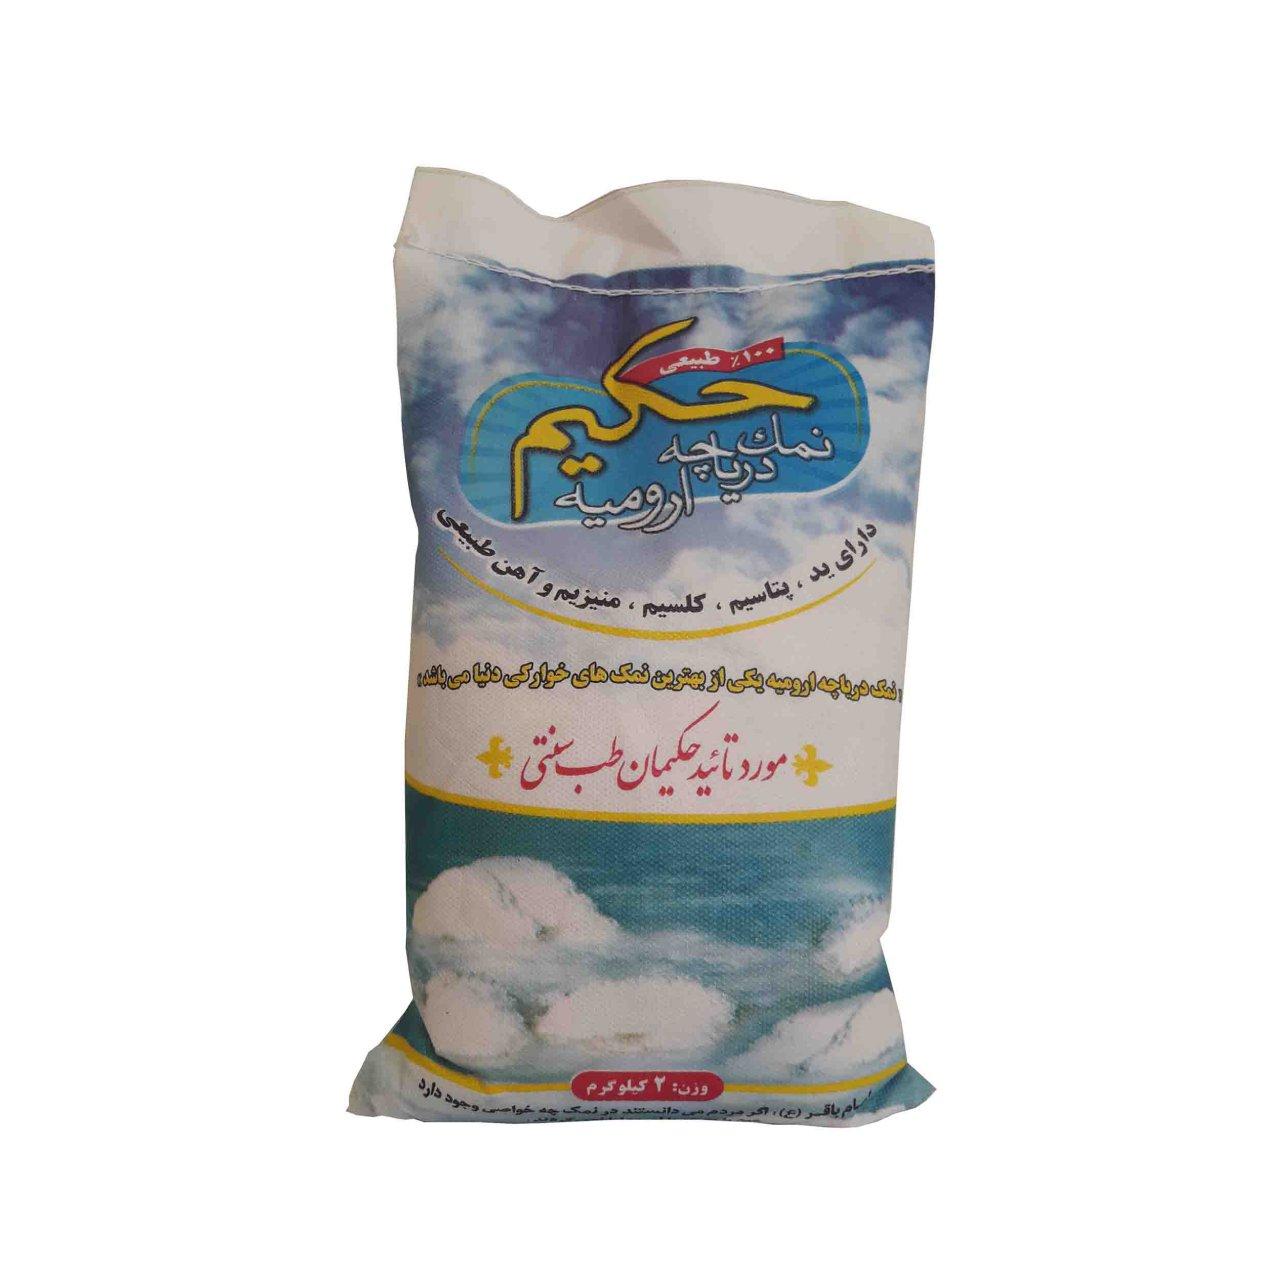 نمک درجه یک دریاچه ارومیه حکیم